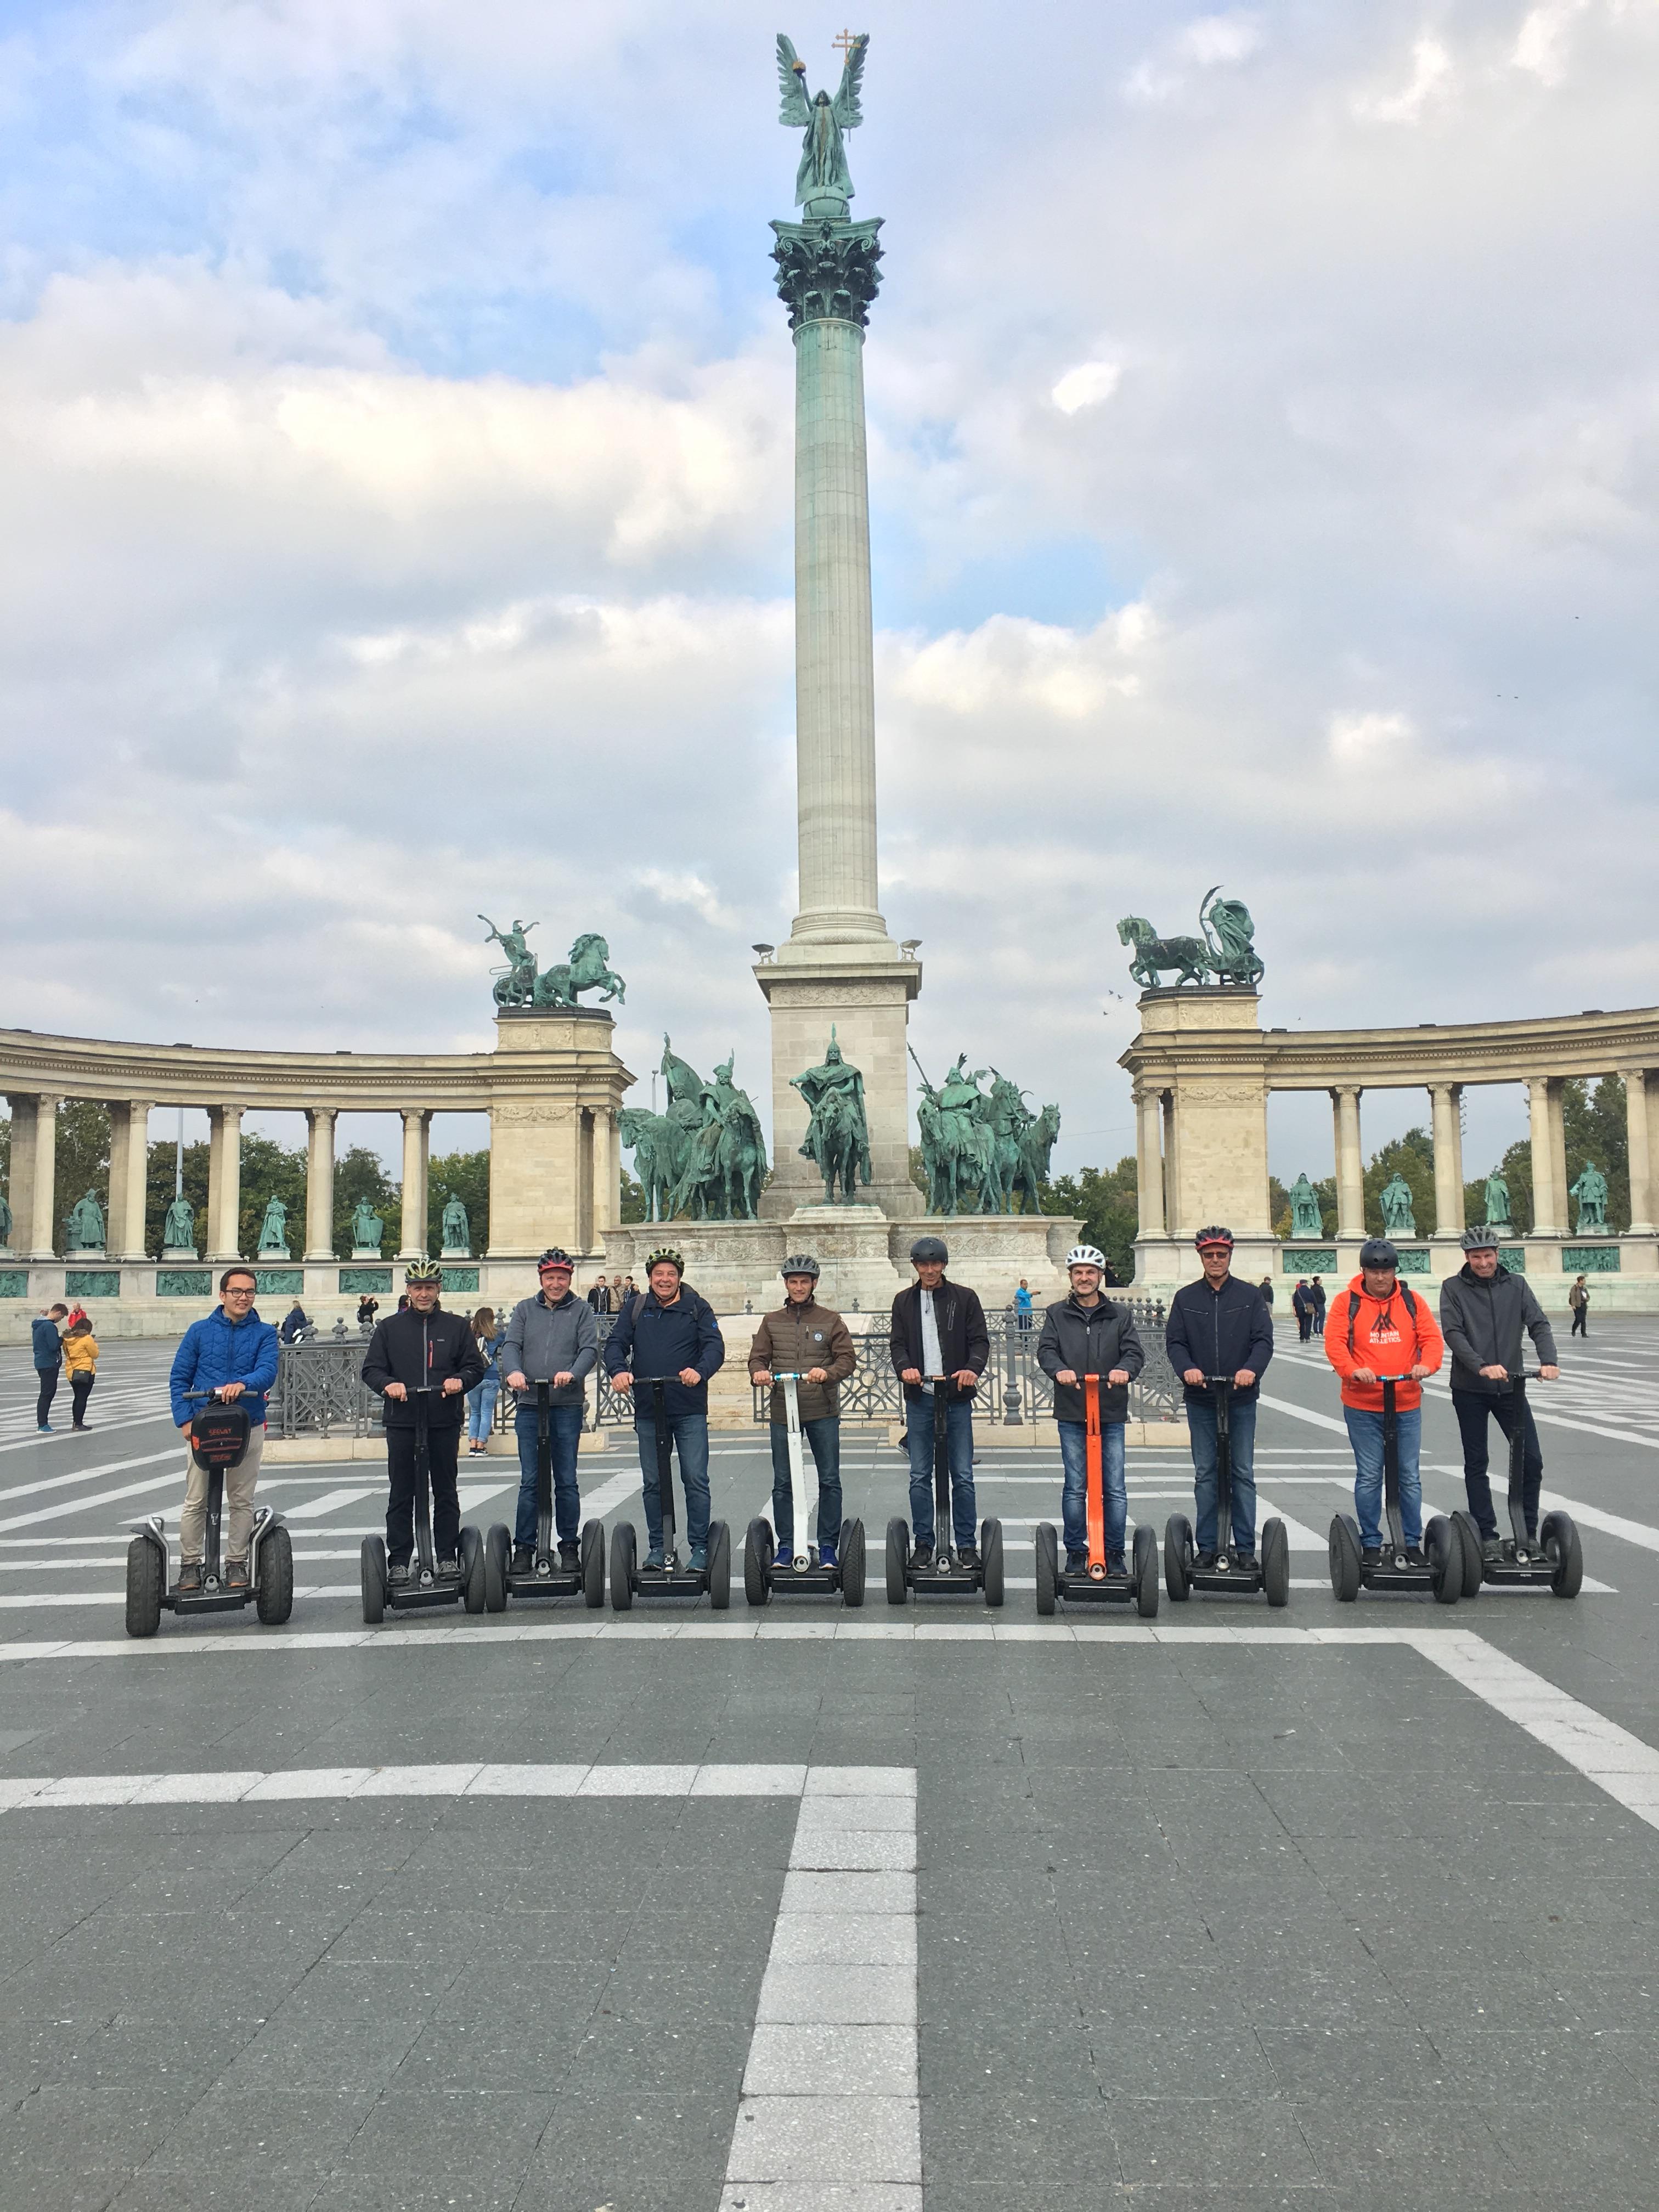 HERO'S SQUARE Budapest Segway Tou